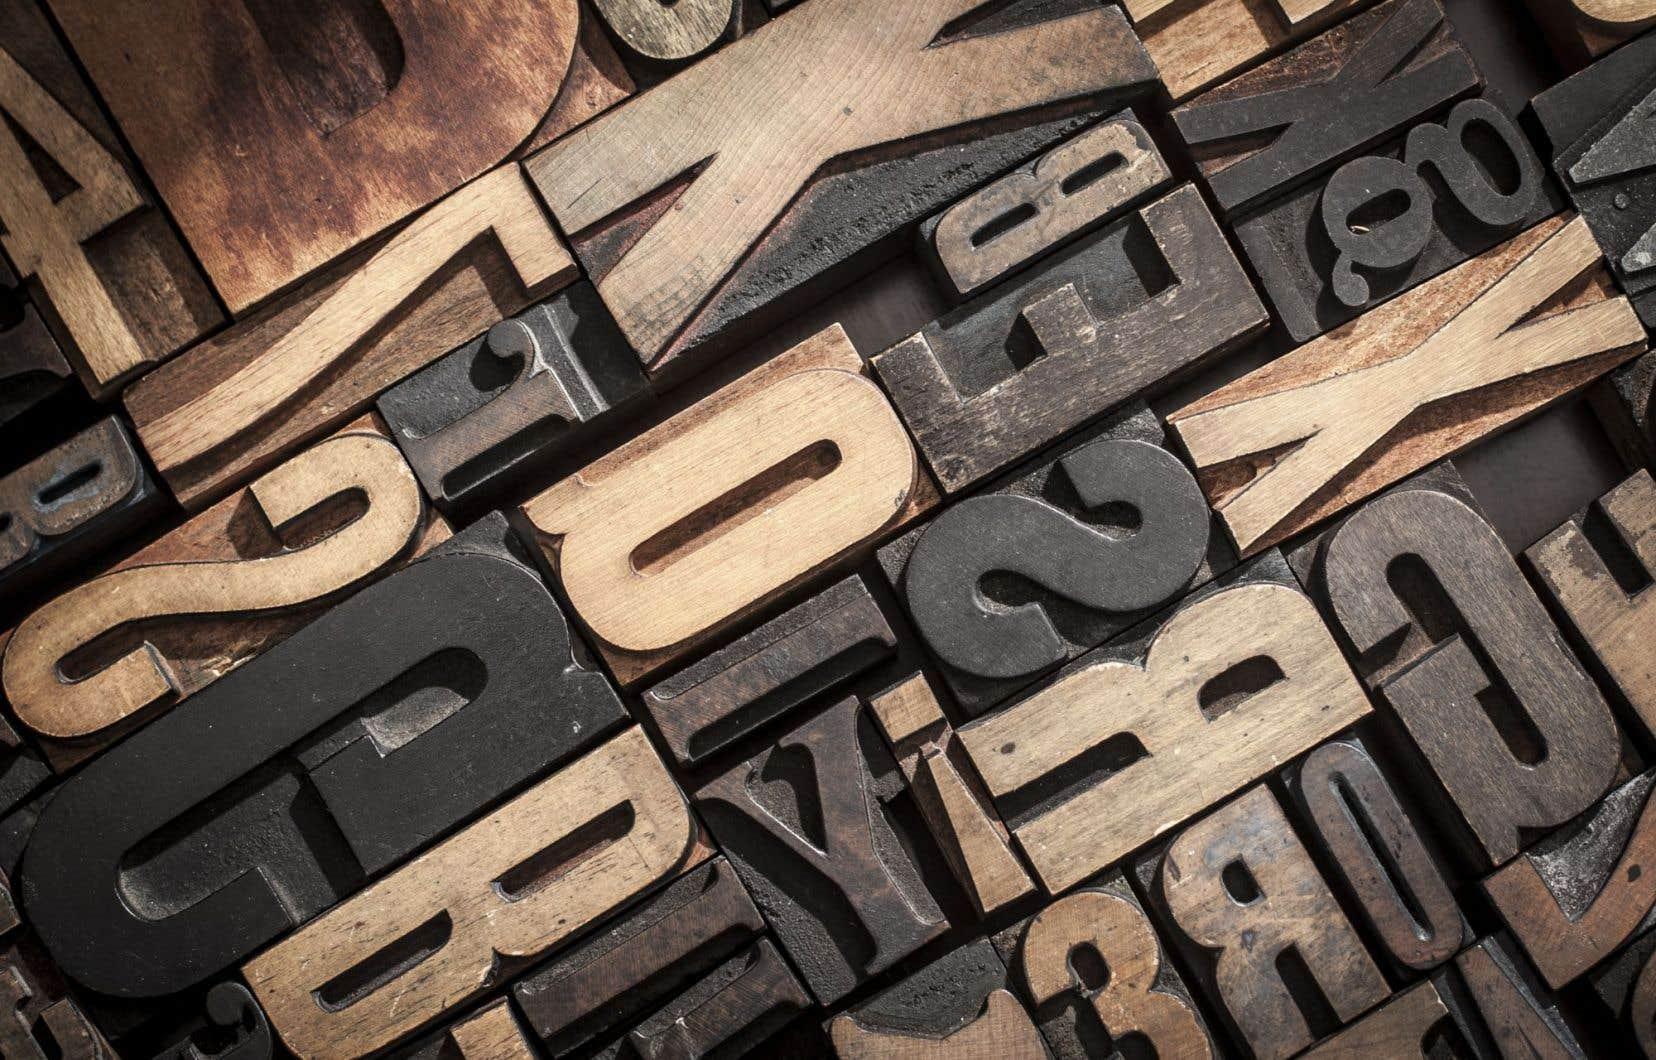 «Les préfixes et les suffixes n'aident aucunement à comprendre une période, un événement, un phénomène ou une réalité», soutiennent les auteurs.